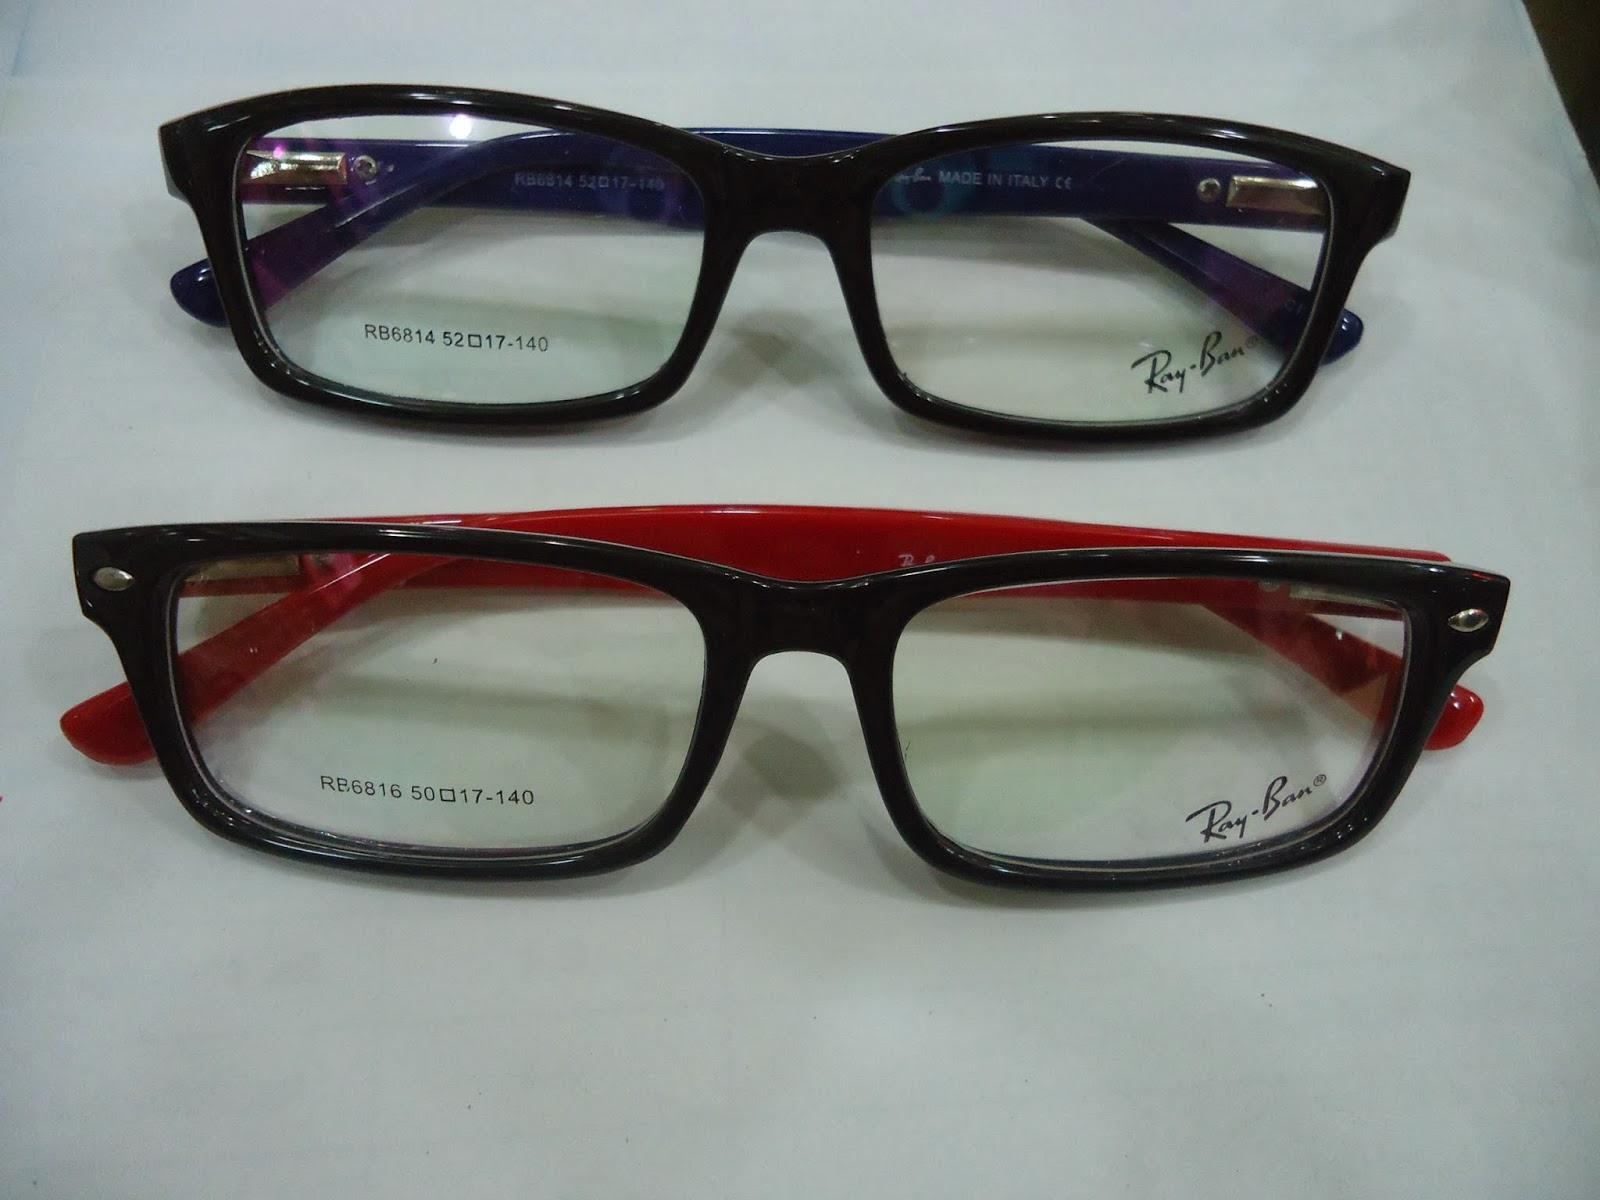 buy frames sunglasses contact lenses ban plastic